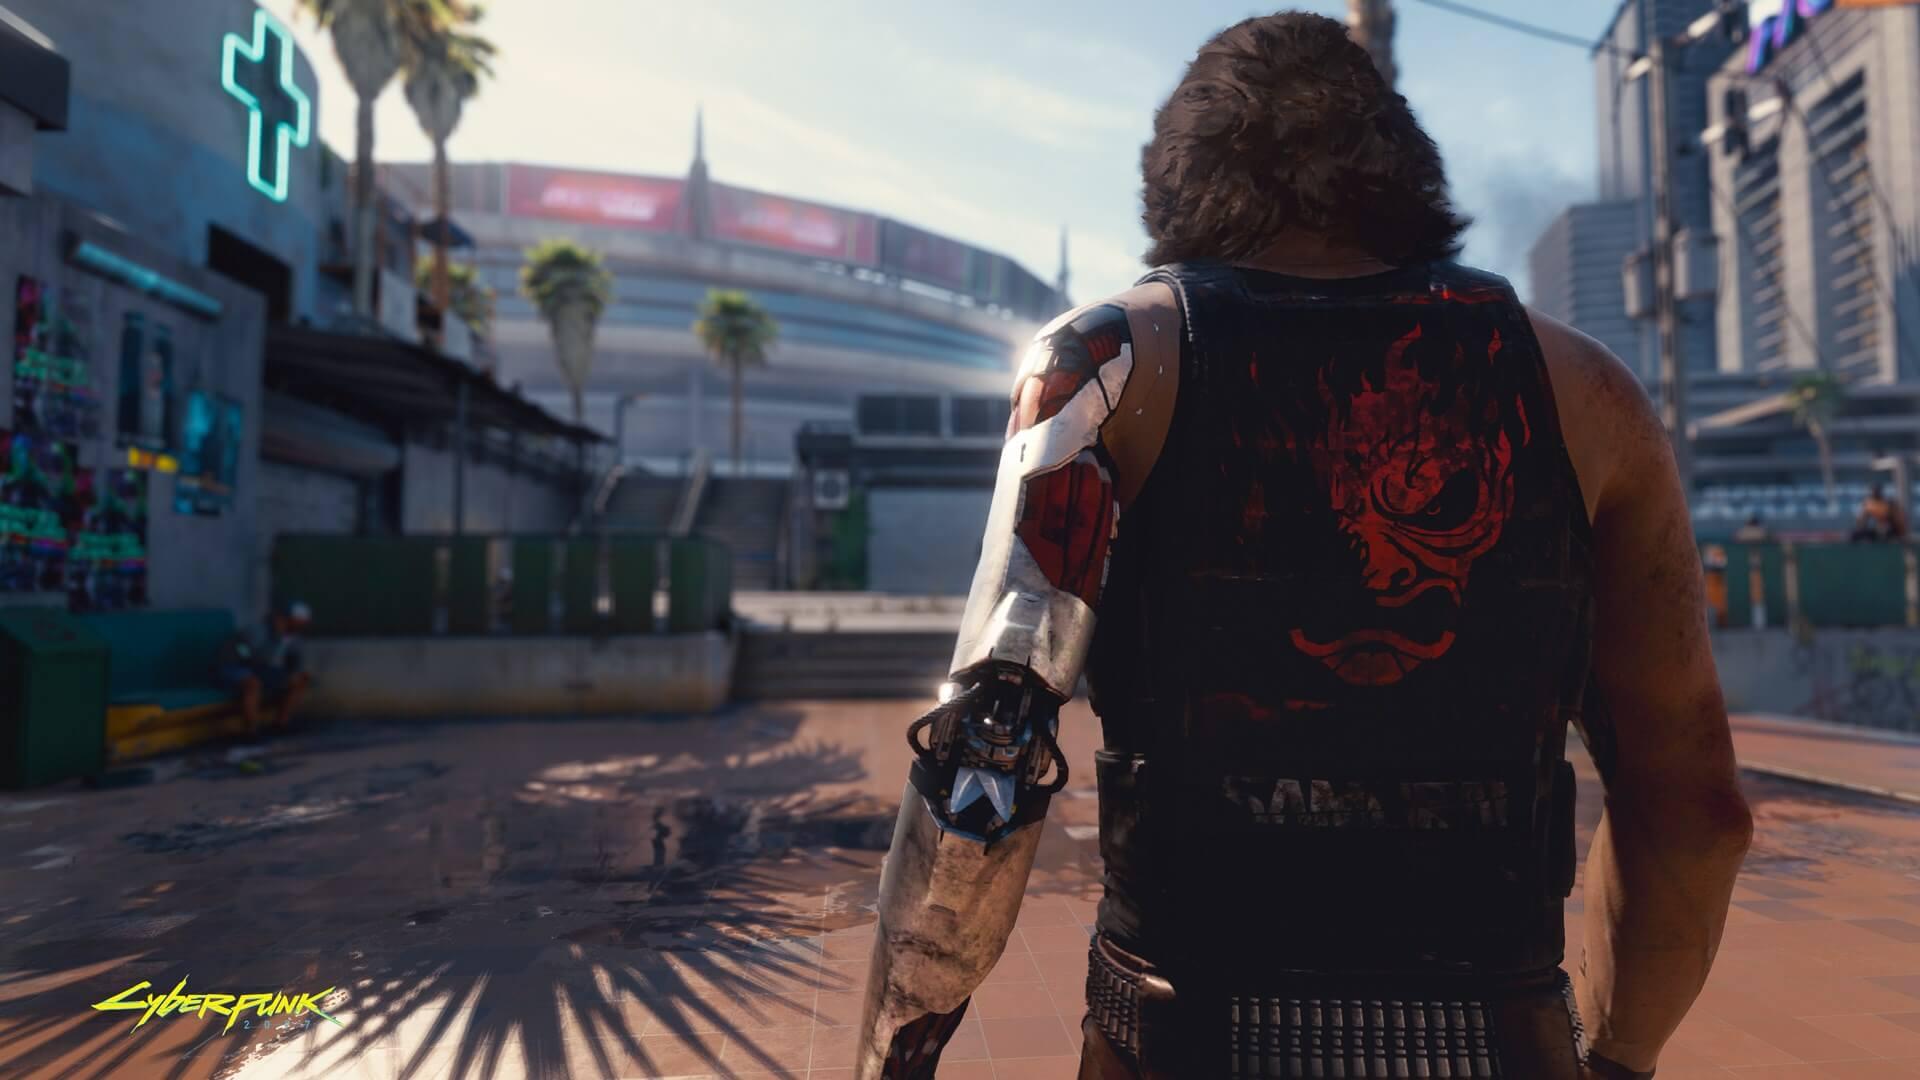 《賽博朋克2077》基努角色銀手強尼新細節 和《巫師3》某皇帝很像